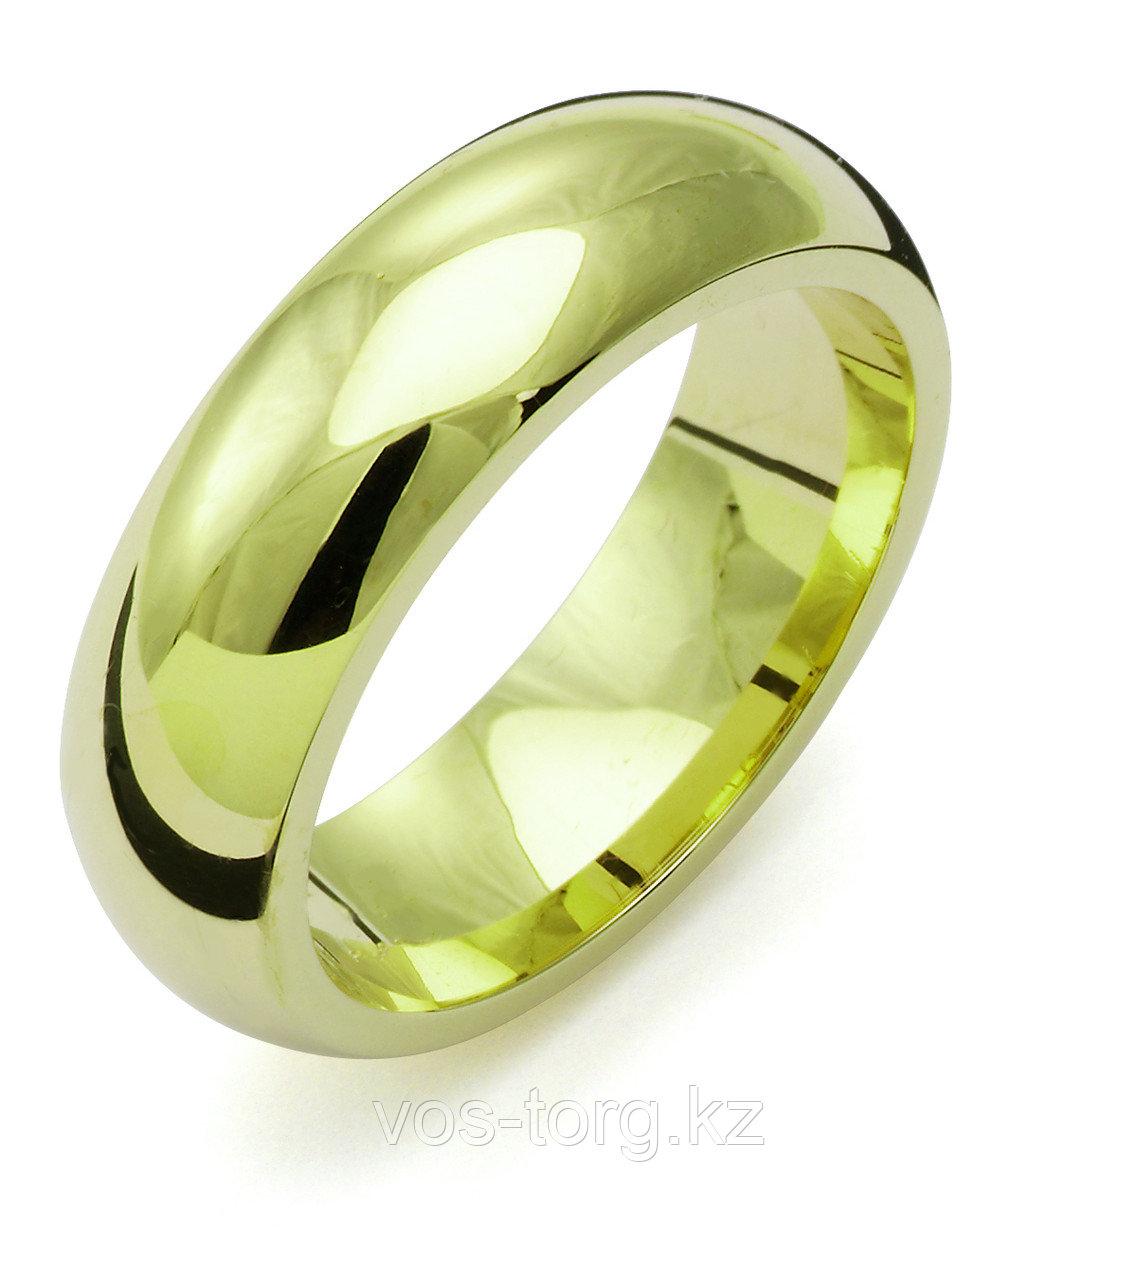 """Кольцо обручальное """"Итальянское золото"""" позолота - фото 1"""